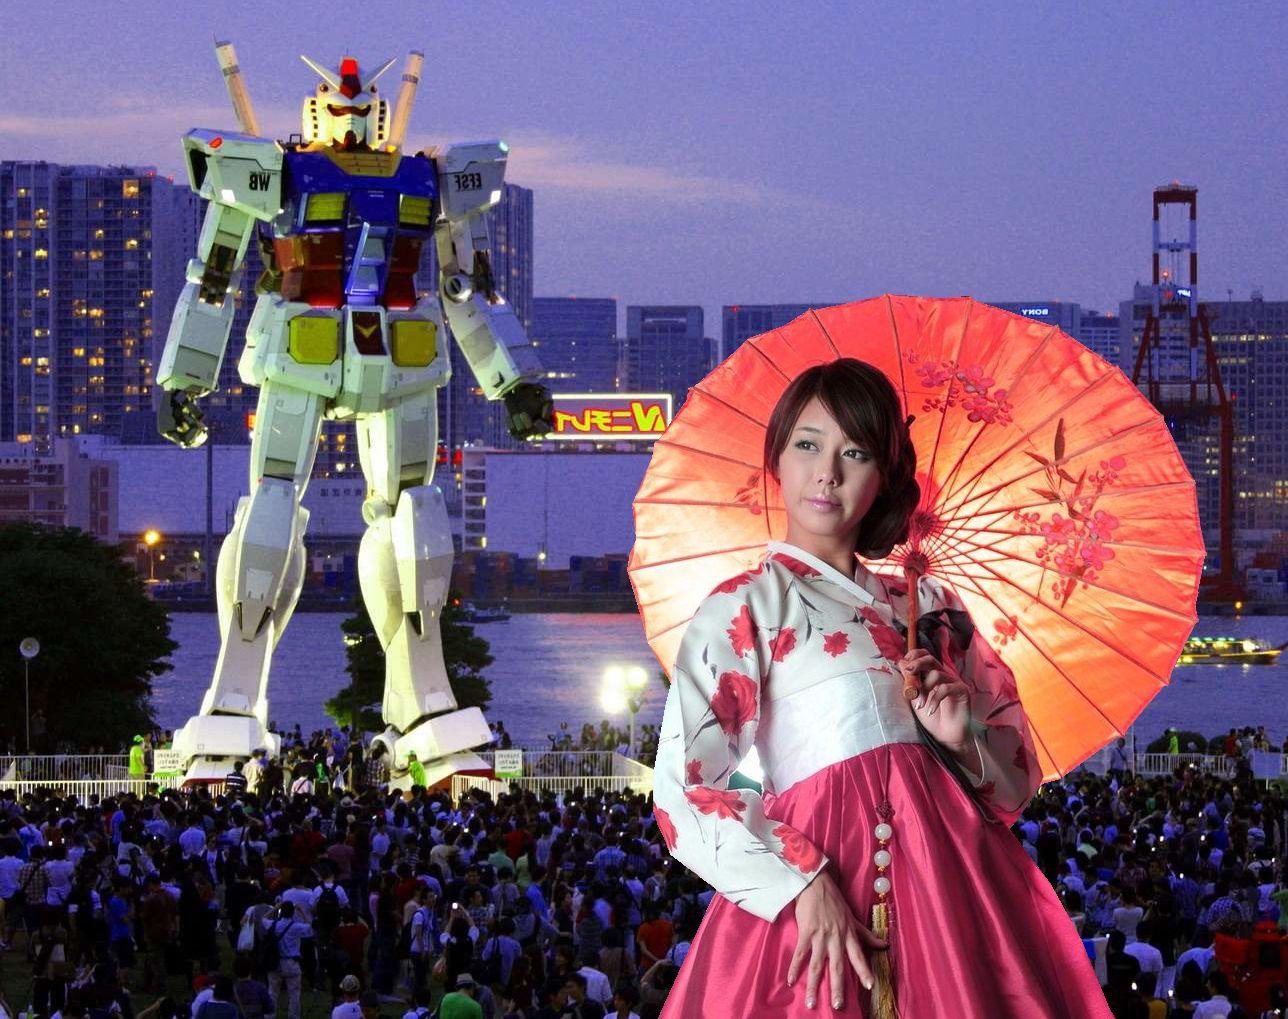 огромный китайский боевой робот. китайская девочка в традиционной одежде. сон: я супер адский разрушитель мира работающий на россию.